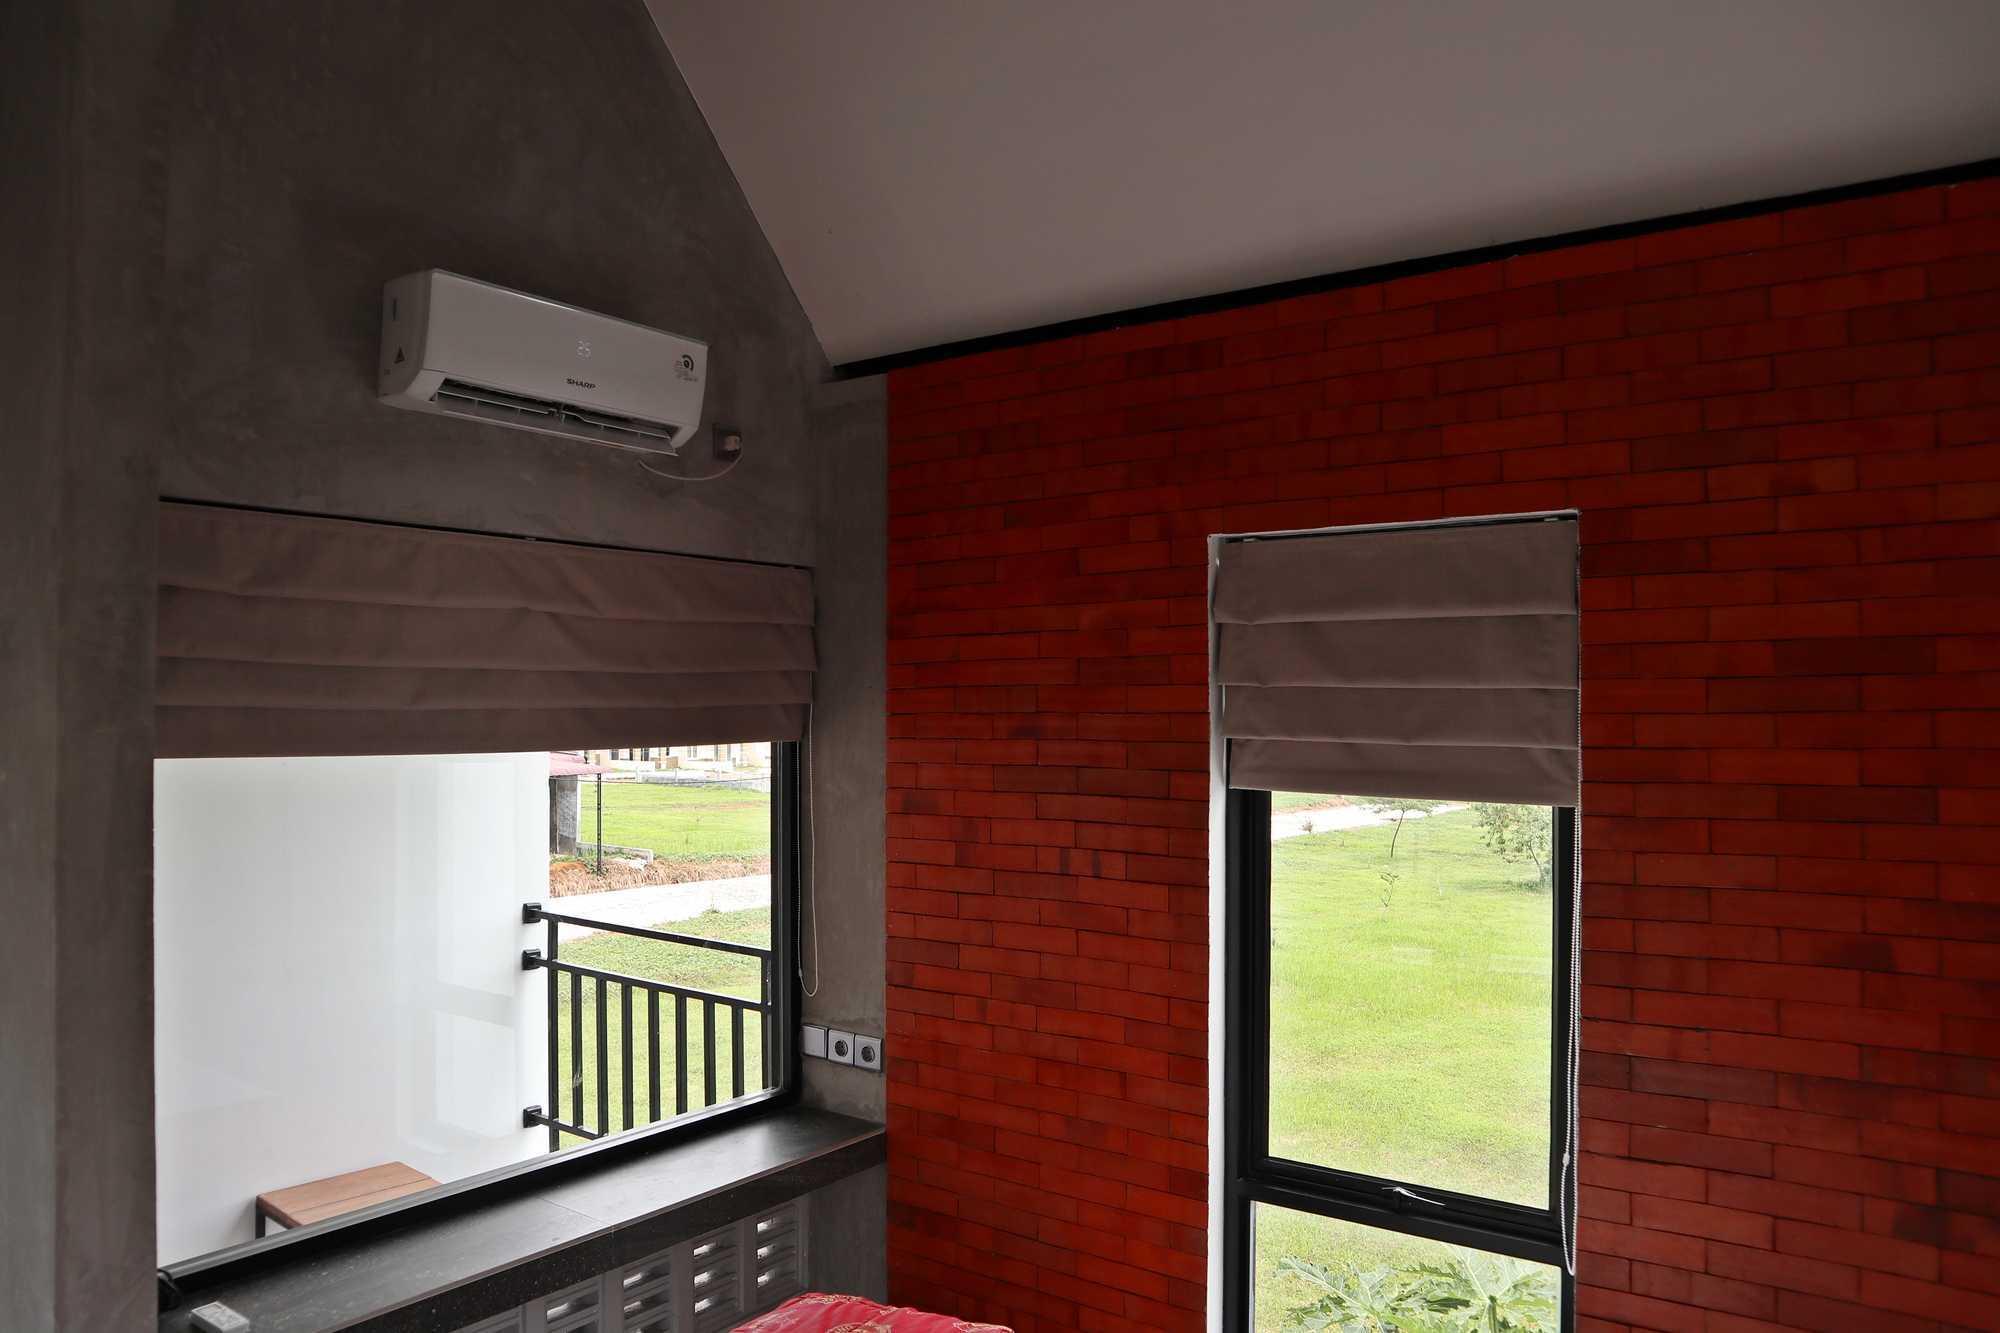 Bd Studio Je Villa House Medan, Kota Medan, Sumatera Utara, Indonesia Medan, Kota Medan, Sumatera Utara, Indonesia Bd-Studio-Je-Villa-House  74118